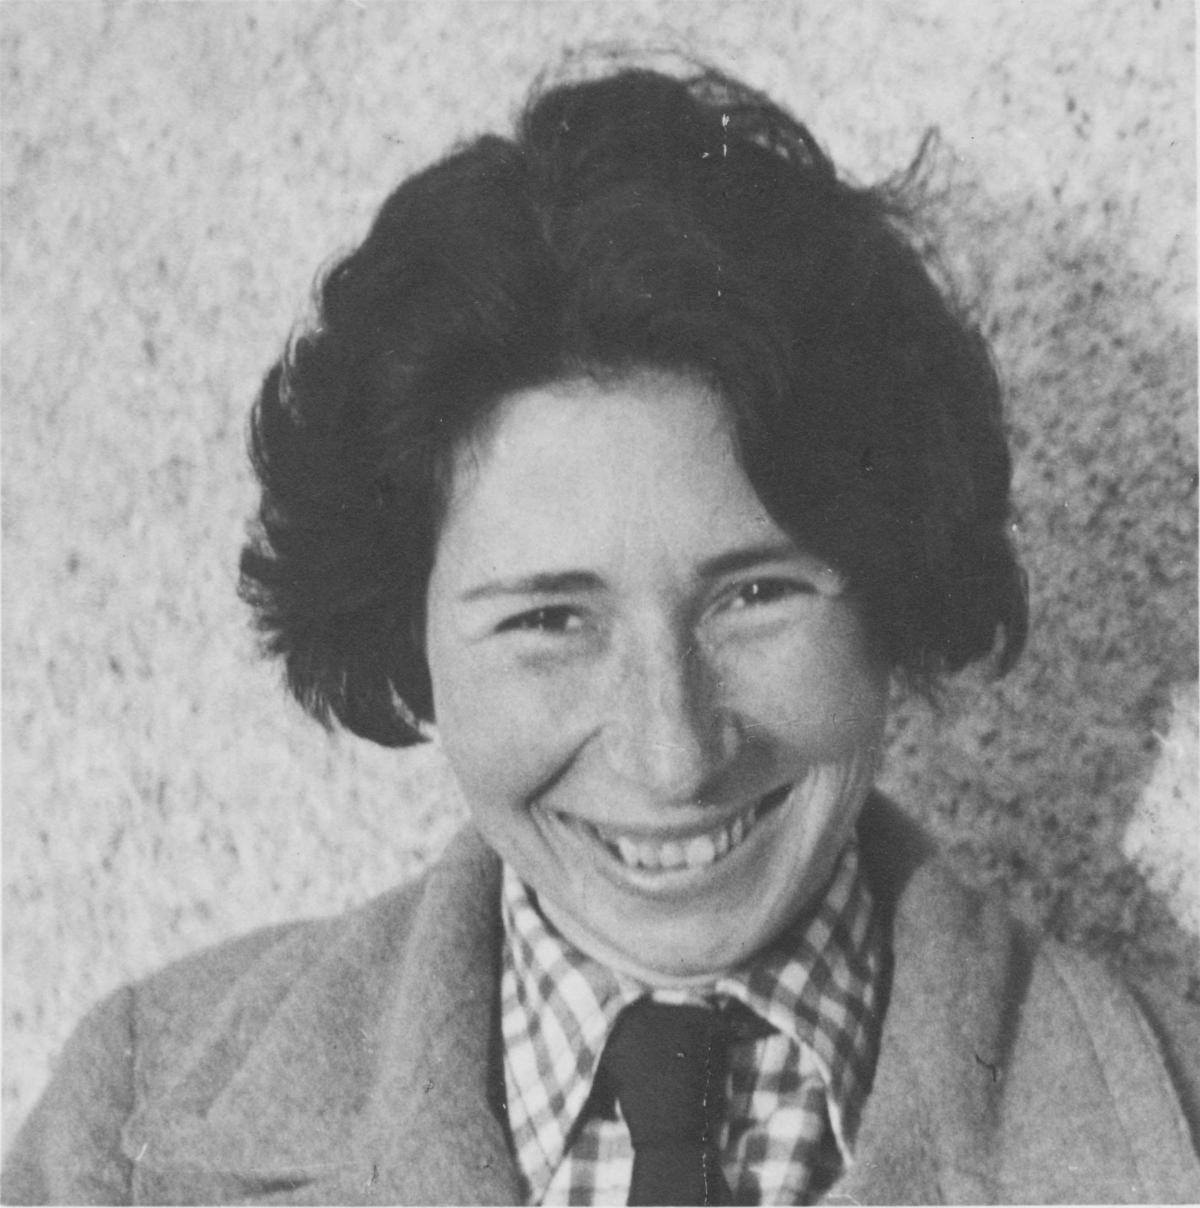 اورسولا کوژینسکی؛ جاسوس روسی که نزدیک بود هیتلر را بکشد و شوروی را صاحب بمب اتمی کرد